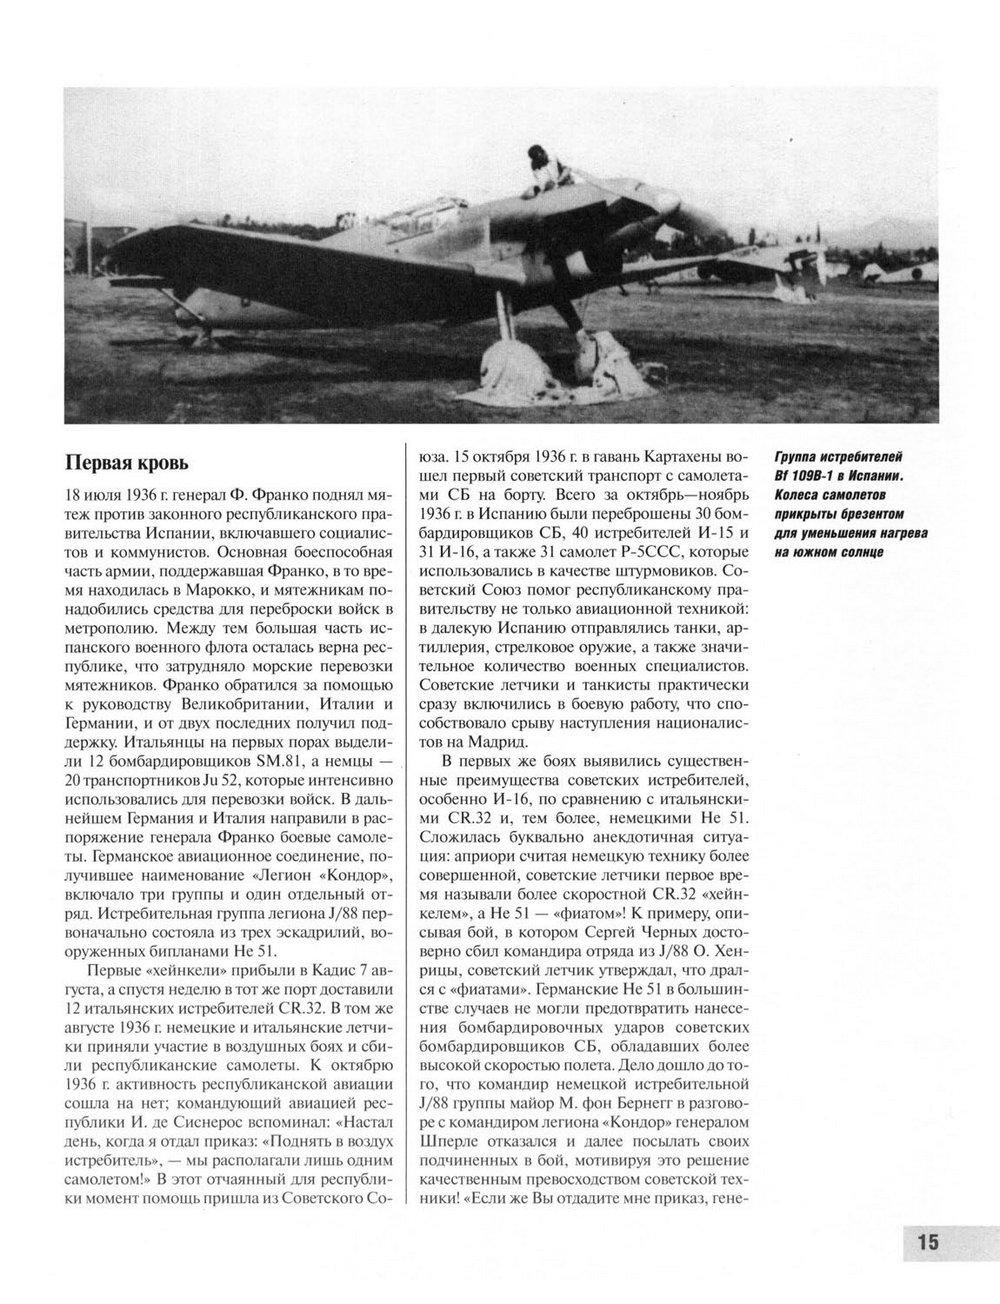 http://images.vfl.ru/ii/1365694693/8d5ffe77/2126674.jpg